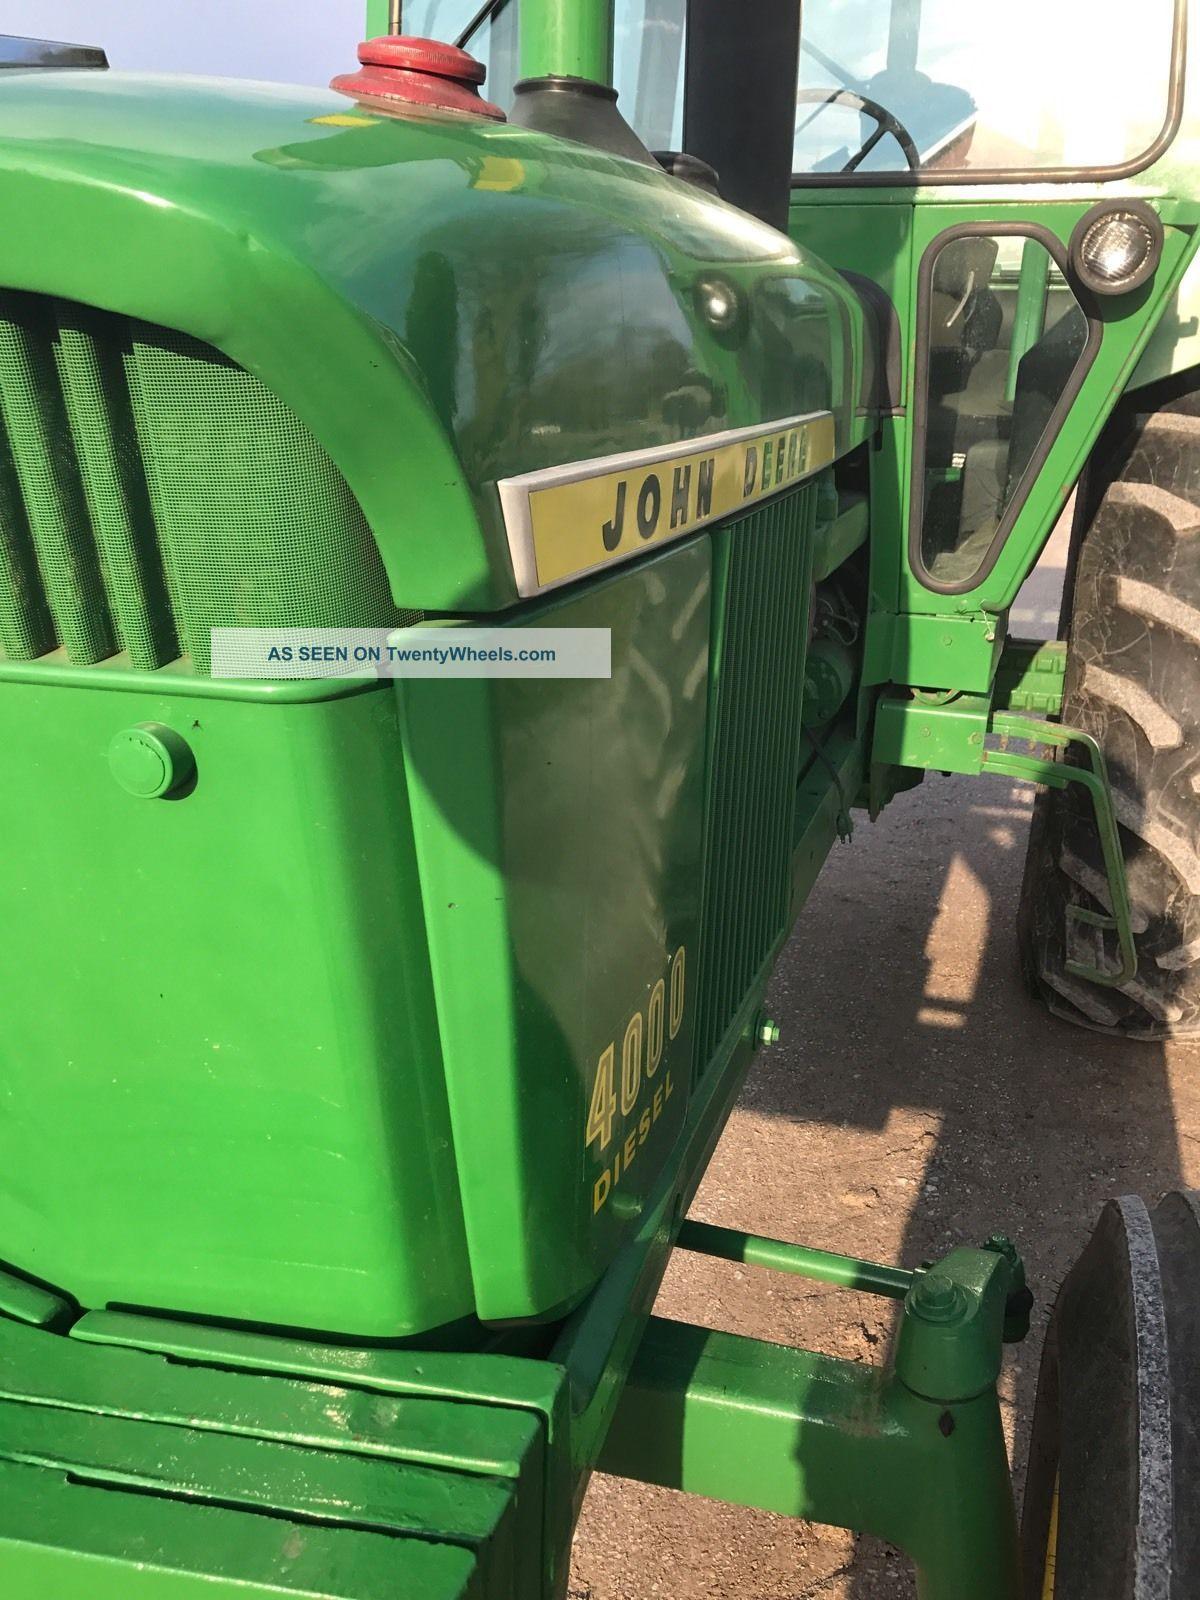 John Deere Standard Tractor Lgw